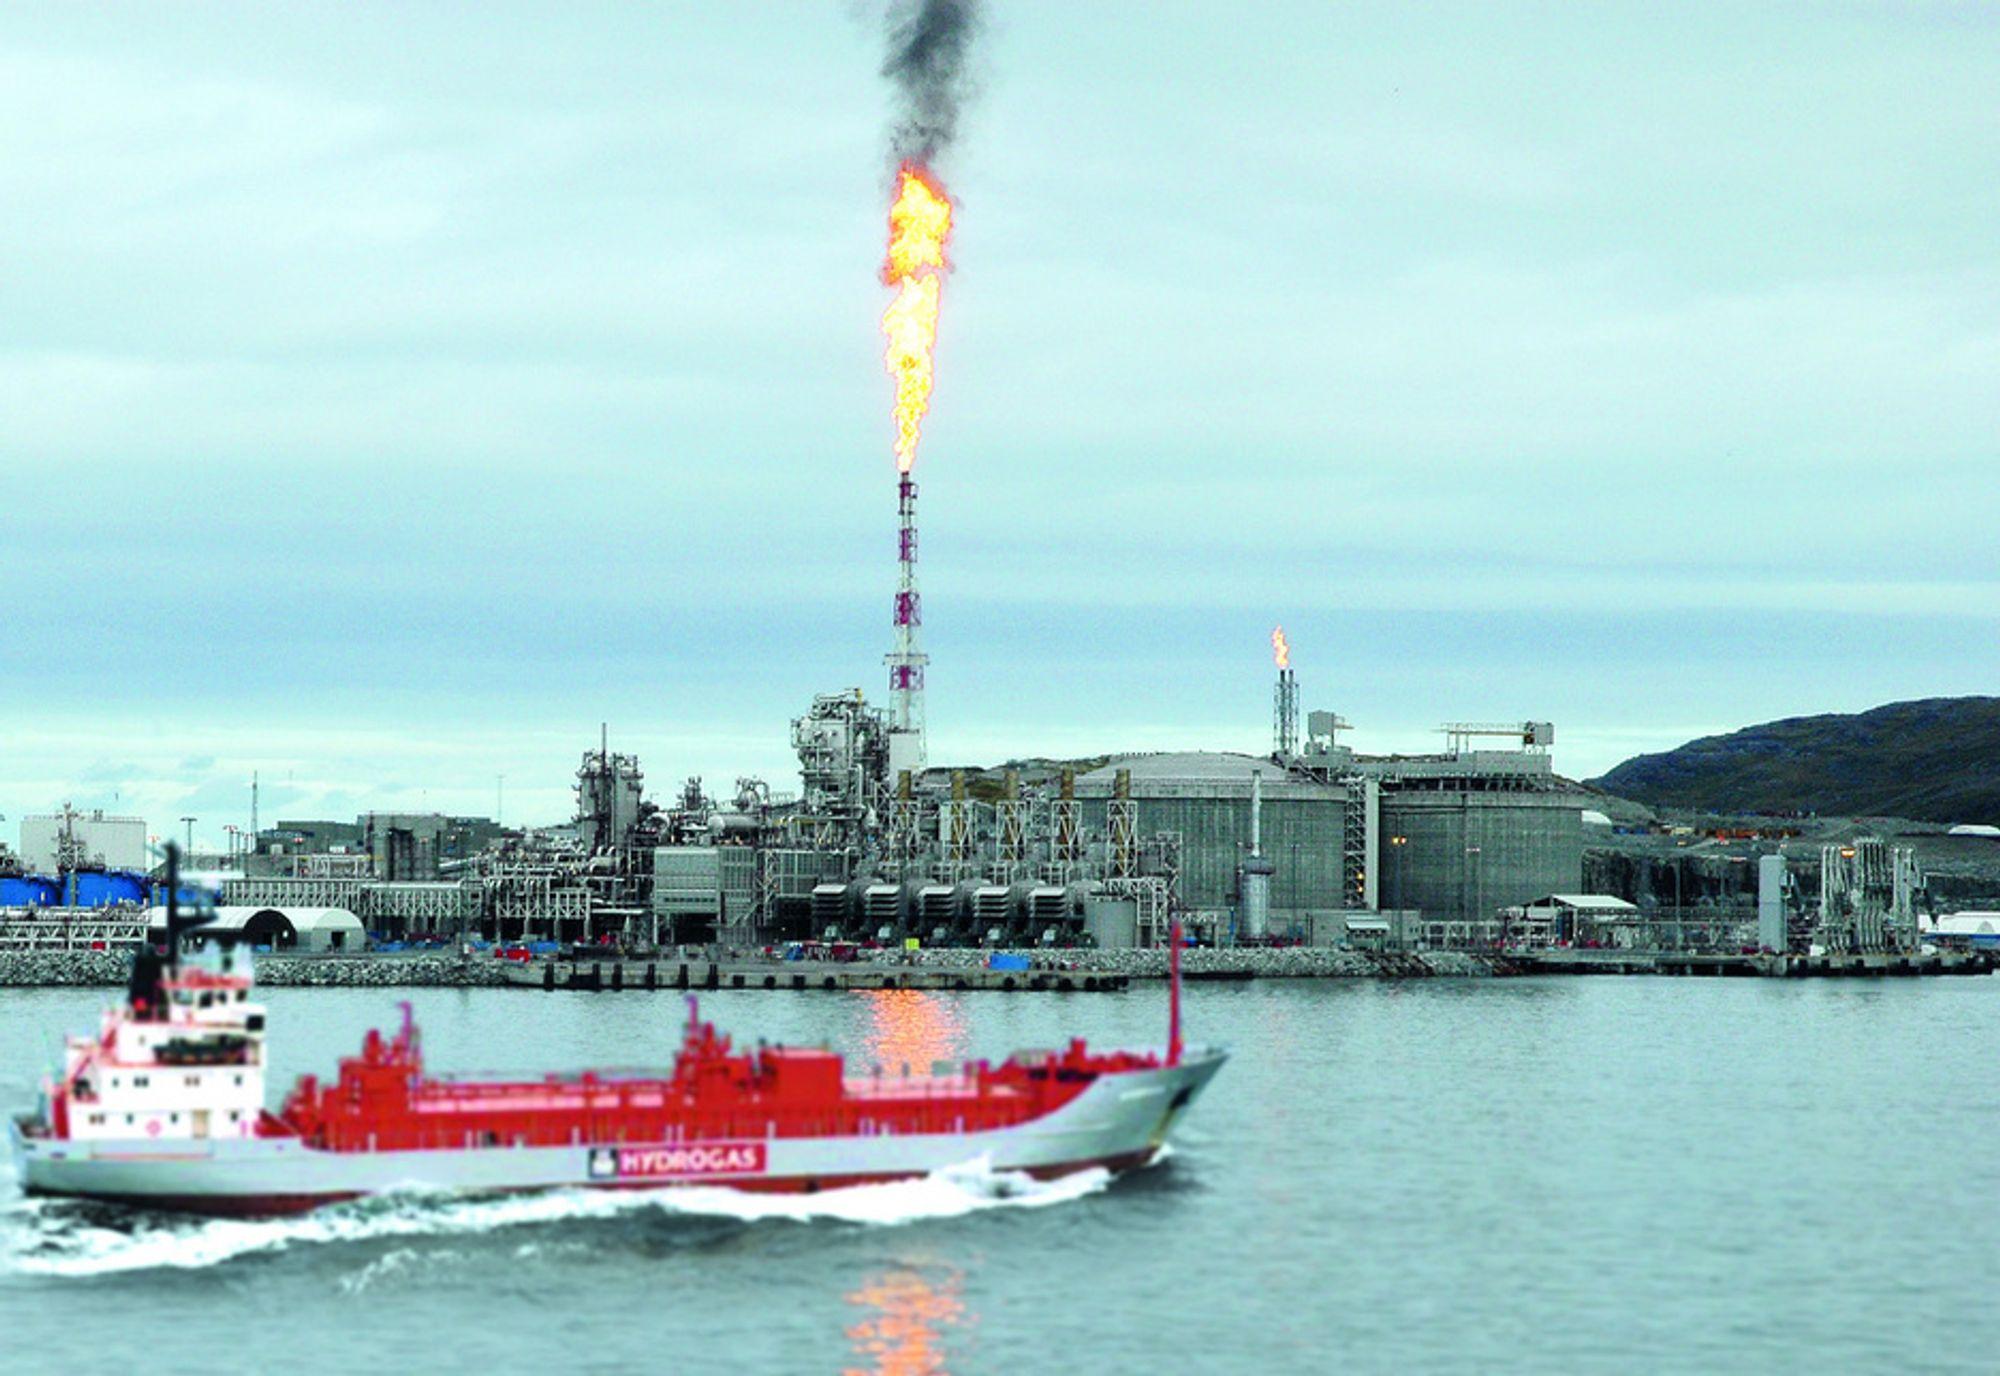 Med gasstankskip kan Statoil frakte CO2 skip fra Mongstad til Snøhvit-anlegget på Melkøya. FOTOMONTASJE: SIMEN HÅKONSEN/TU